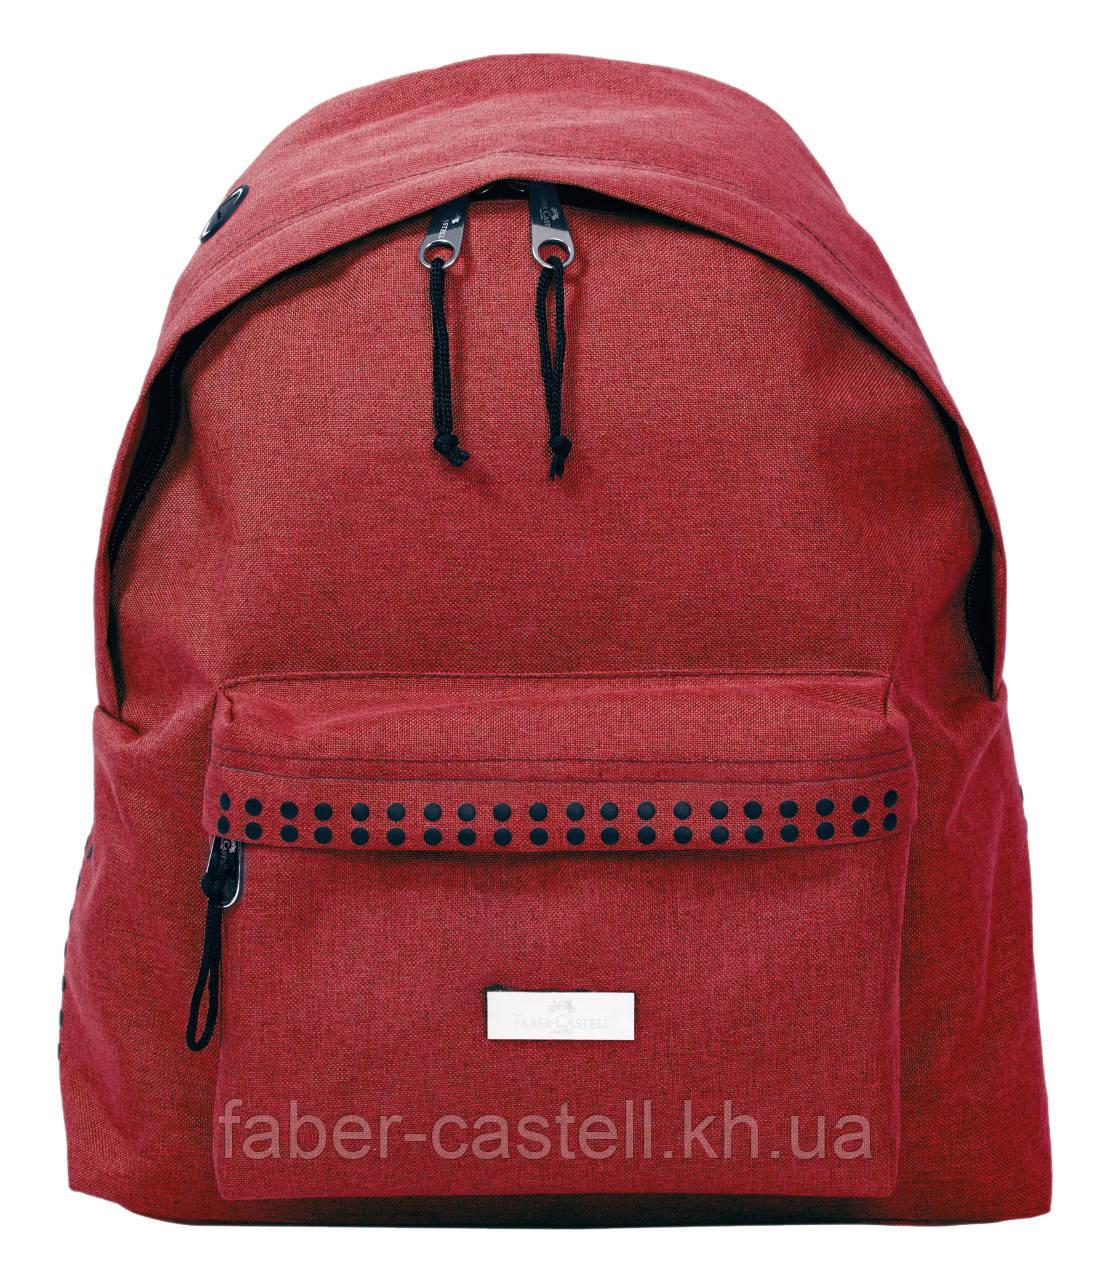 """Рюкзак  Faber-Castell  """"GRIP"""" с отделением для ноутбука  (красный),  40 х 33 х 11.5 см, 573322"""